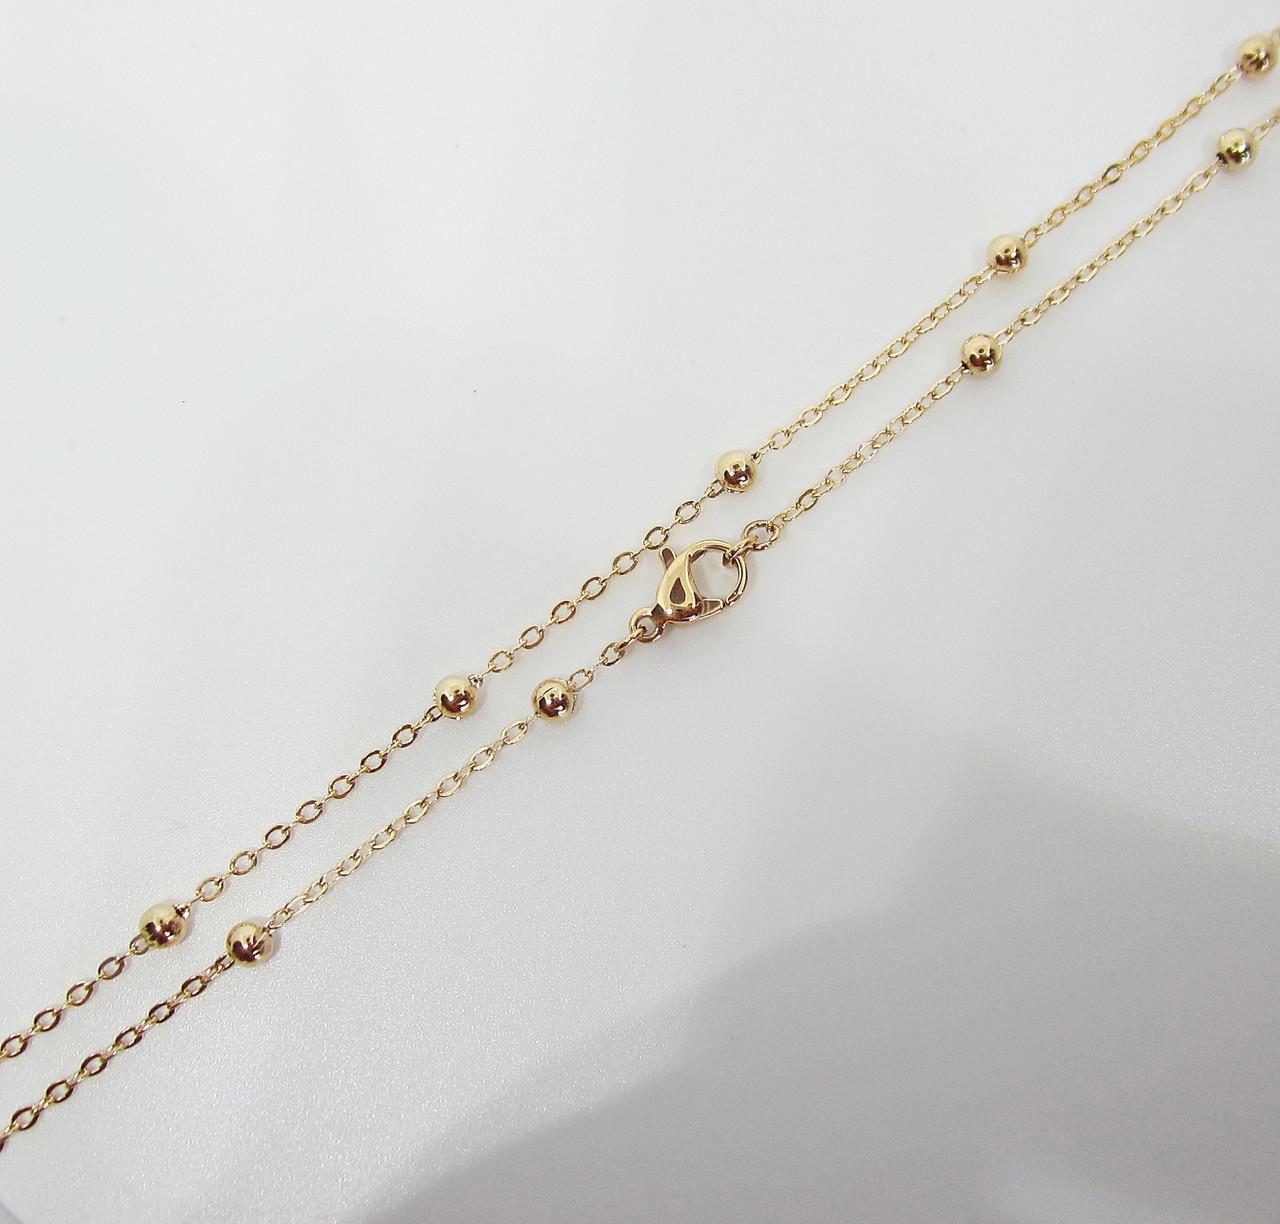 Цепочка плетение Перлина 46 см. ширина 3 мм